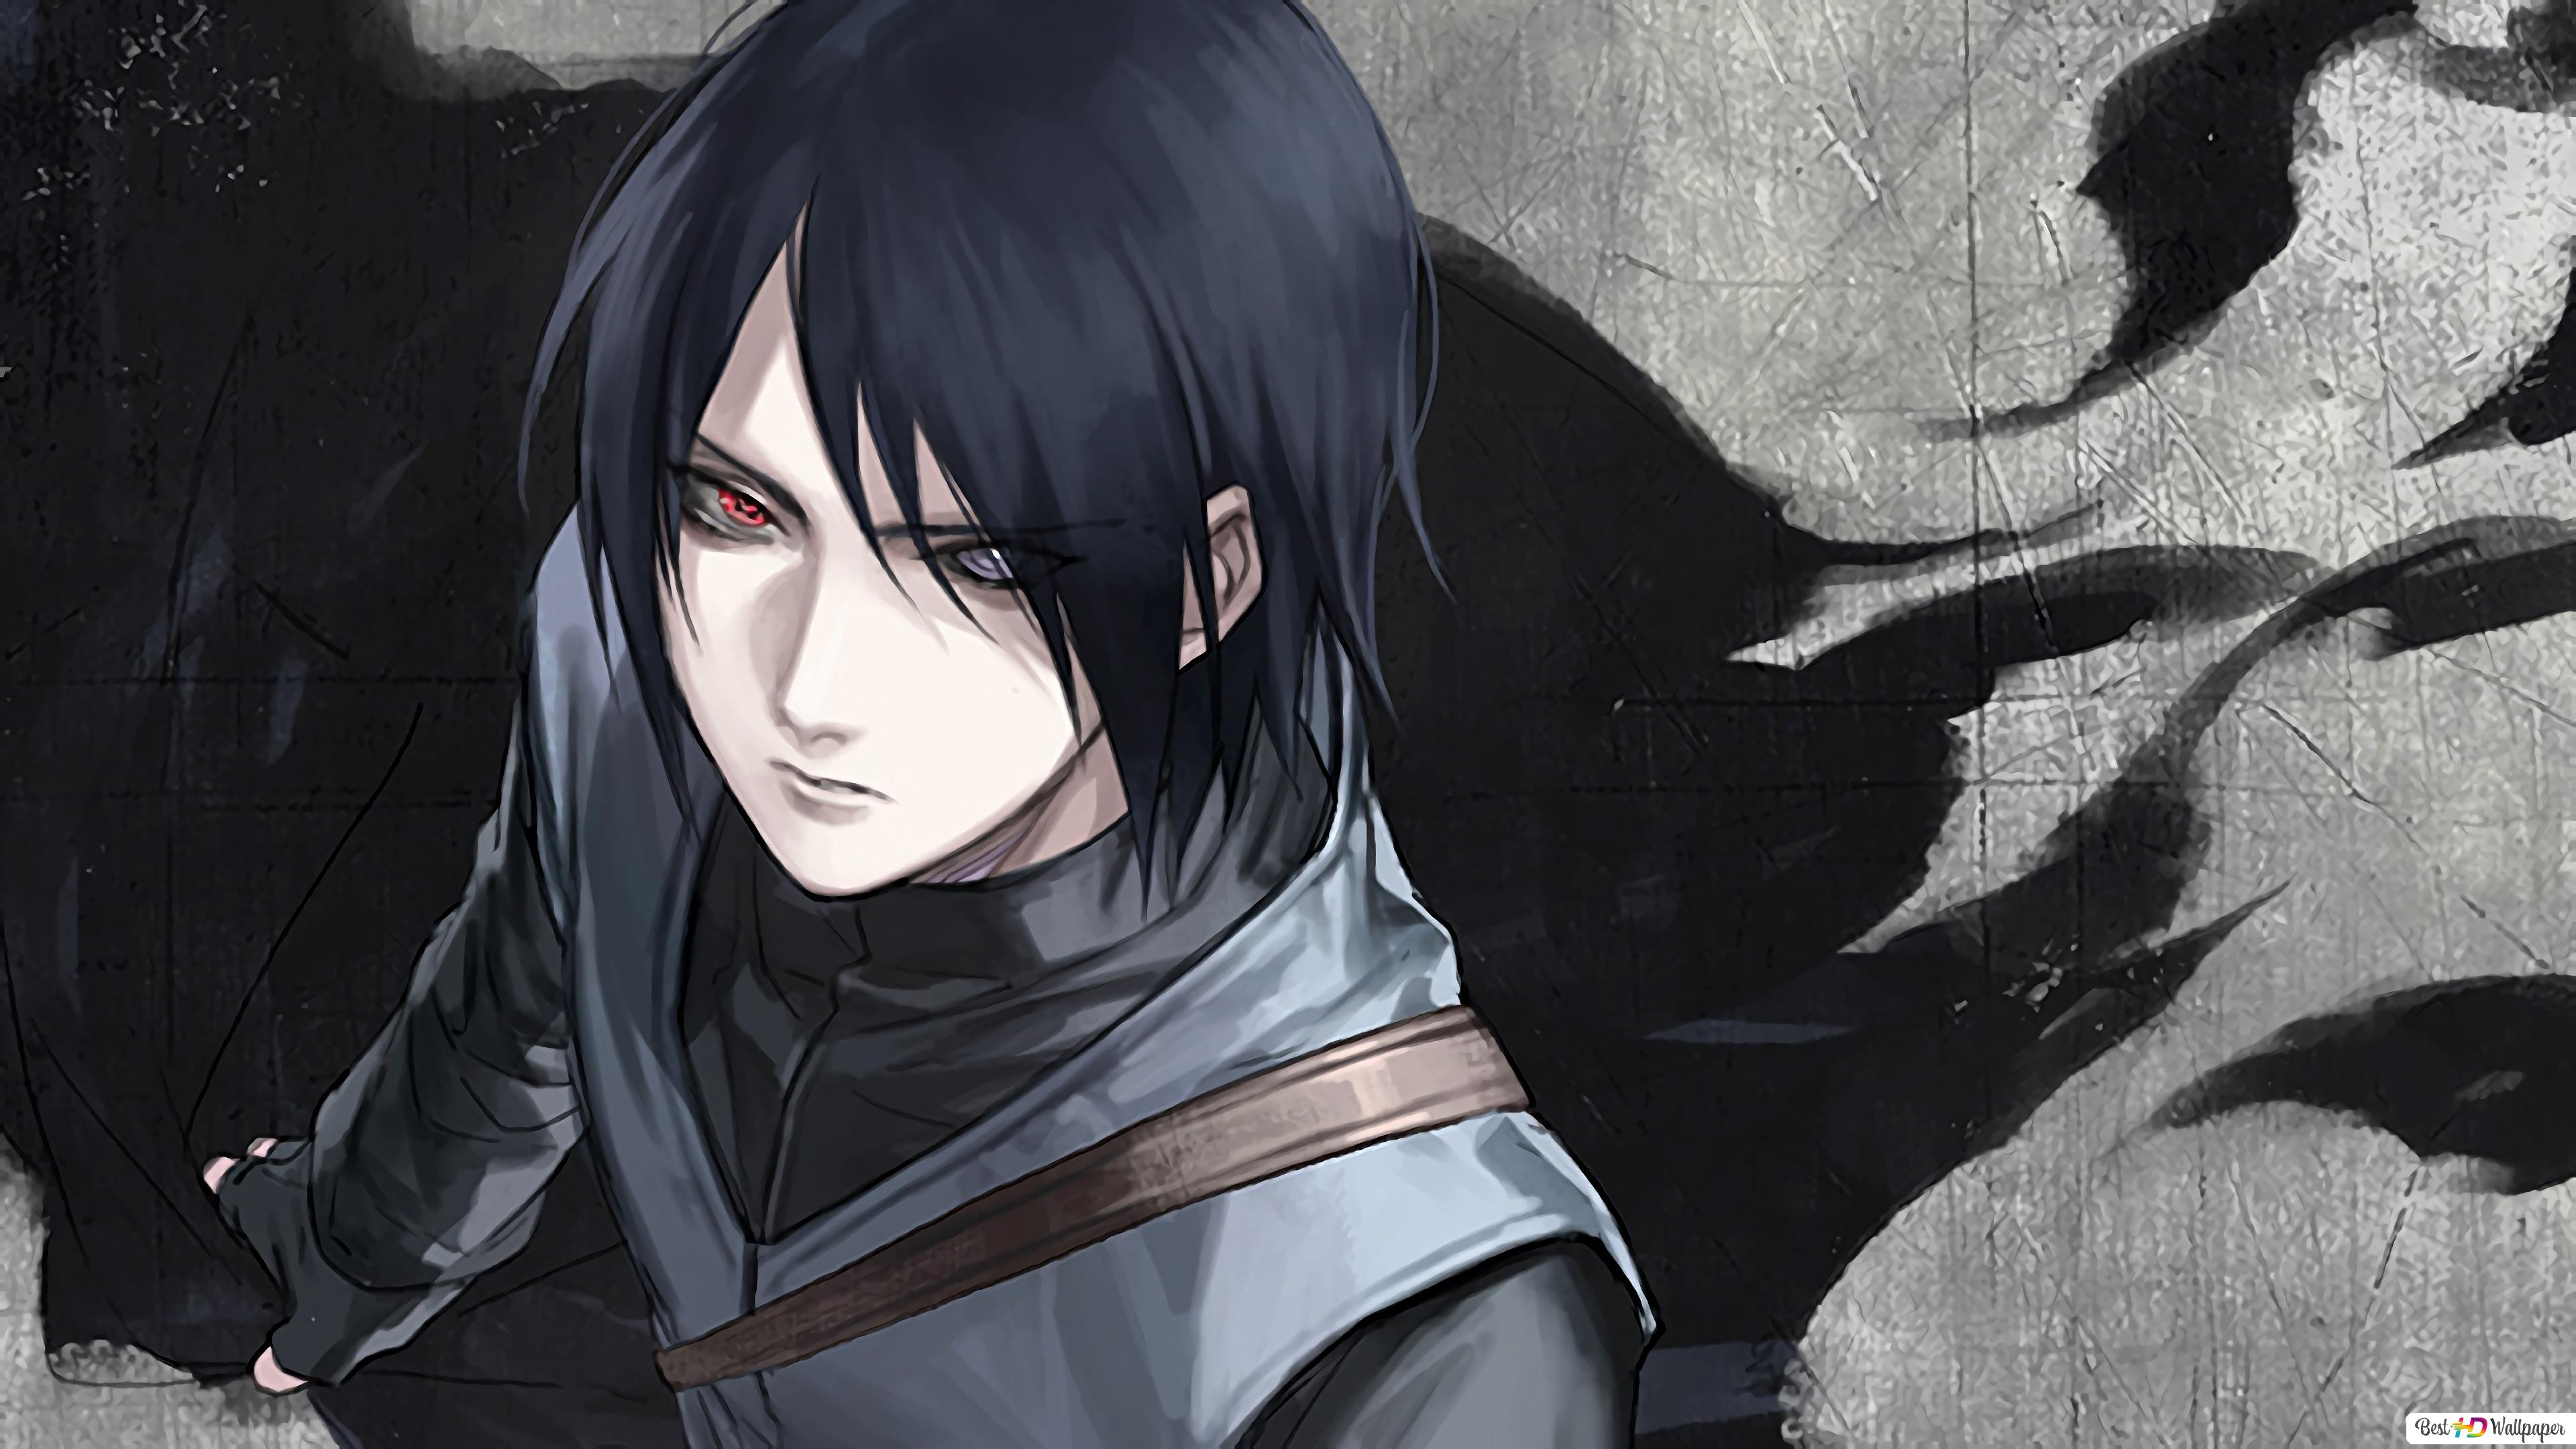 Boruto Naruto Next Generation Sasuke Uchiha Sharingan